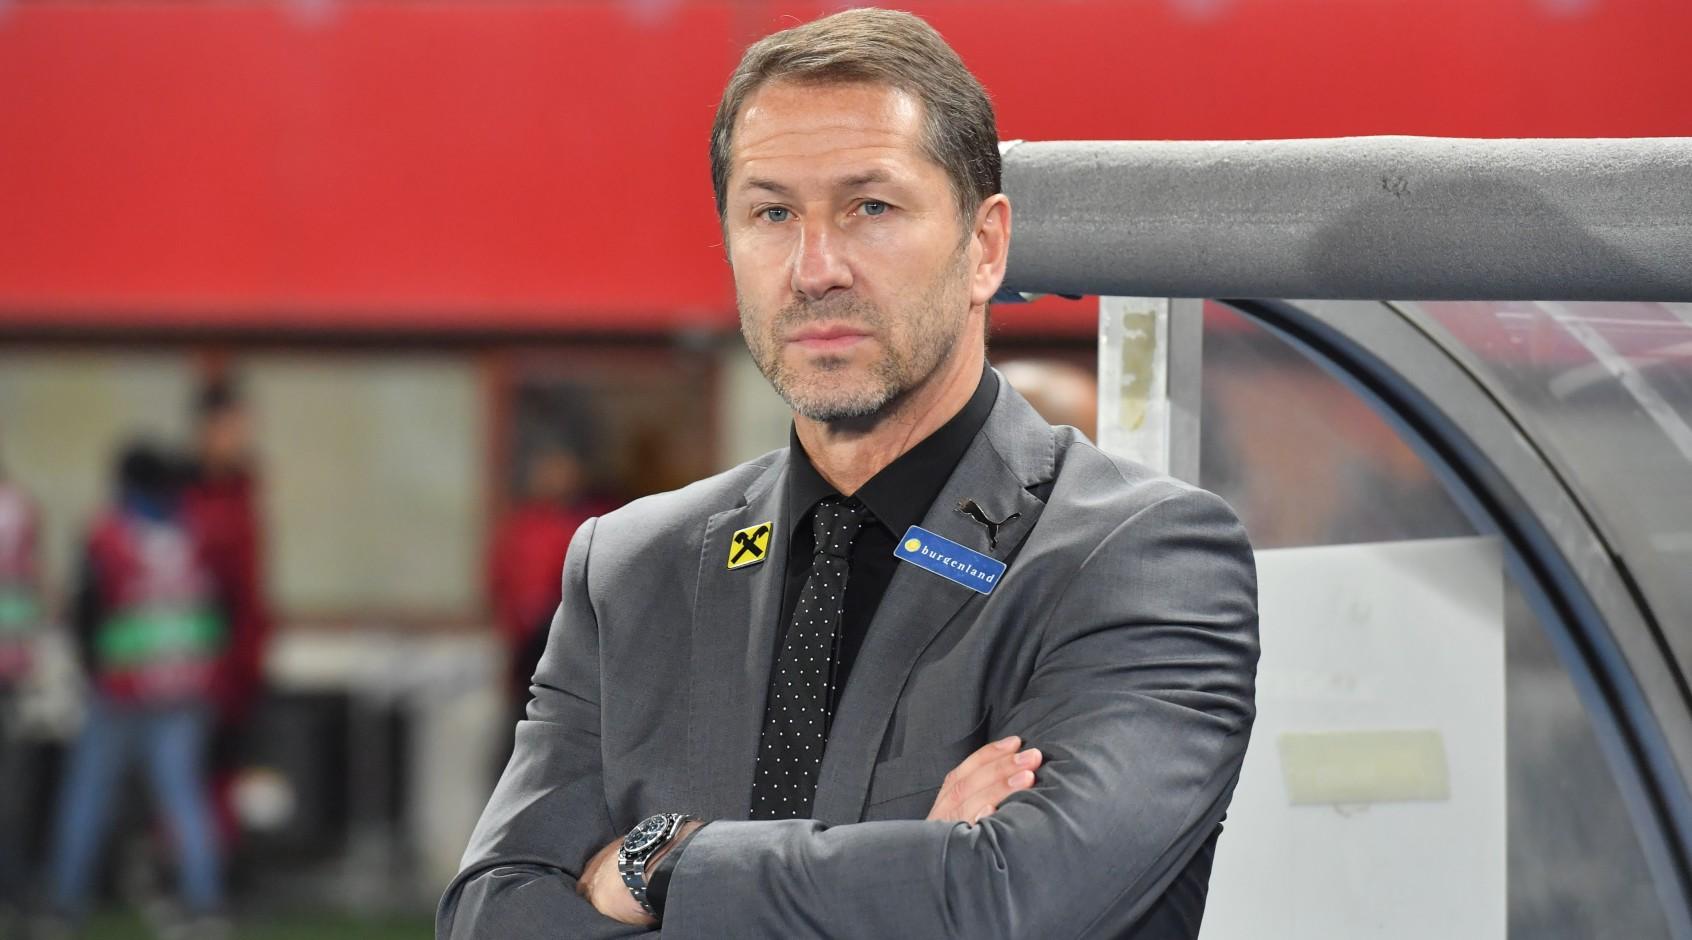 Австрийский футбольный союз хочет внедрить новую концепцию тренировок для всех сборных страны